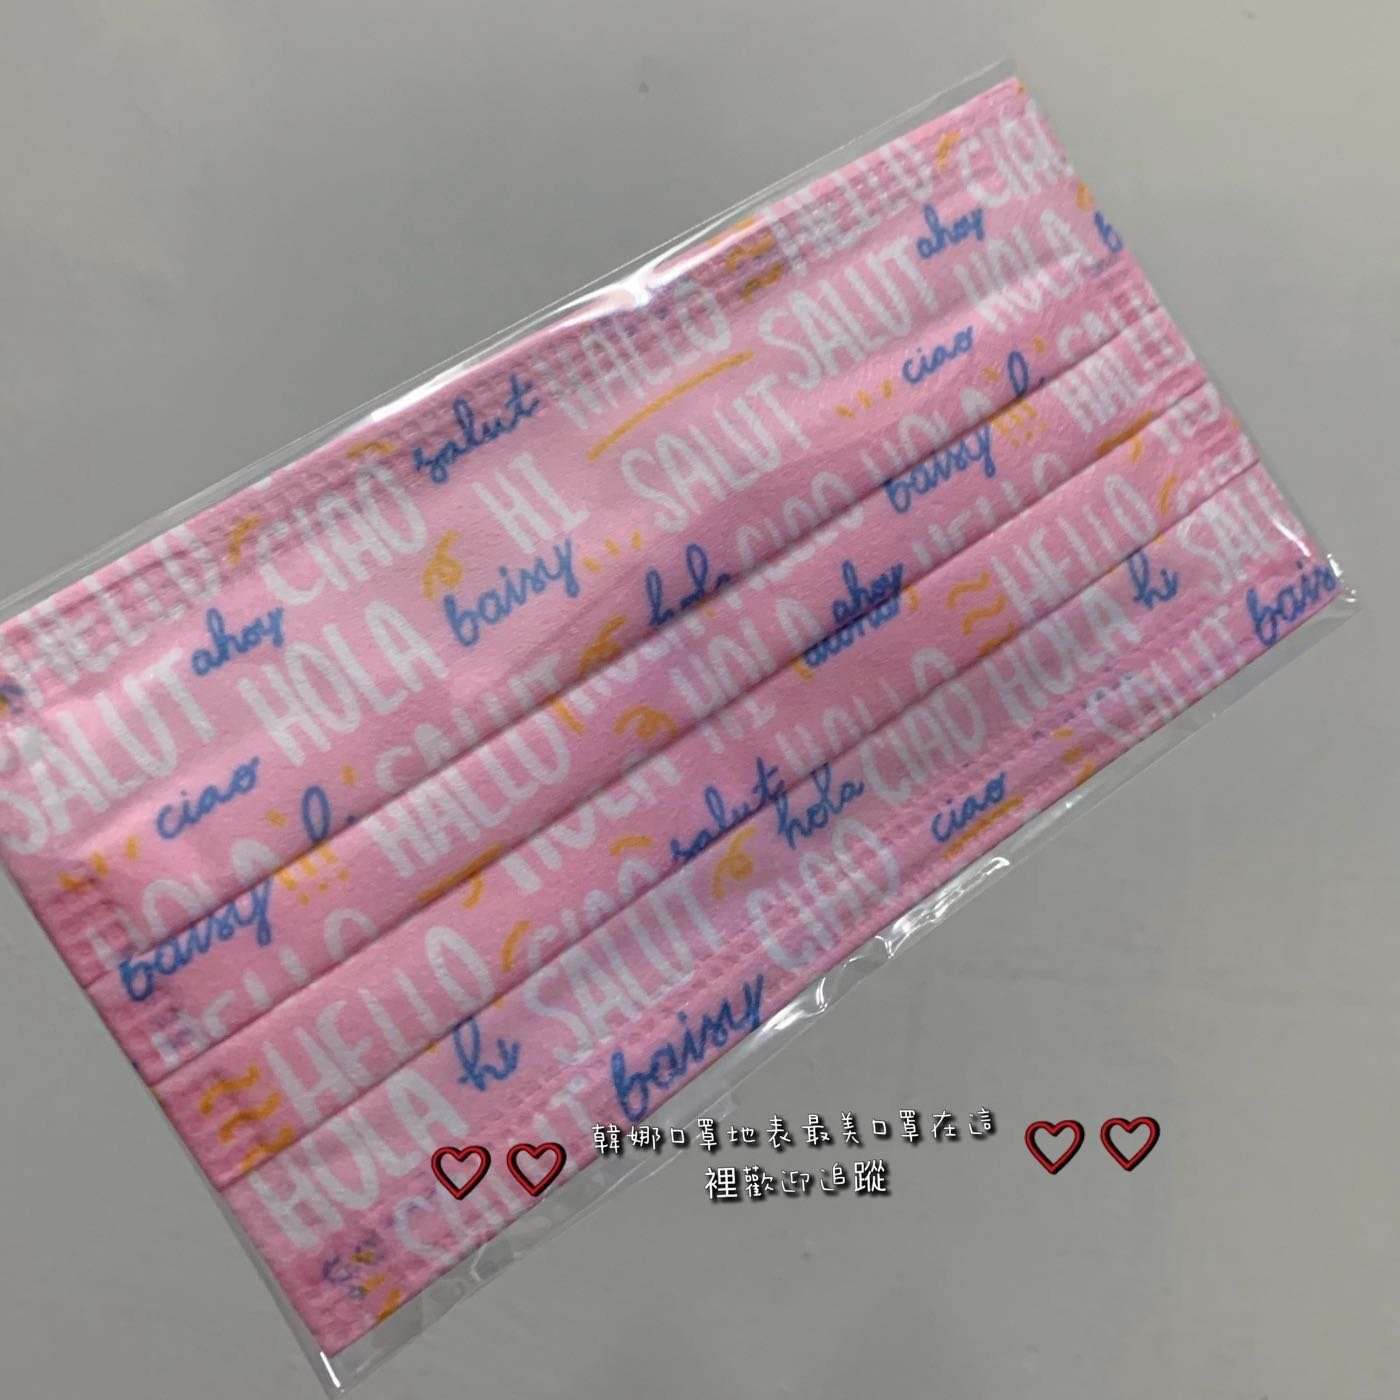 [韓娜]你在哈囉嗎芭比粉五片ㄧ組好美限量舞蝶特殊收藏控快來蝶系列光澤感成人平面口罩ㄧ次性非醫❤️搜尋(🔍韓娜口罩)更多絕美中絕版款等您來收藏衛生品